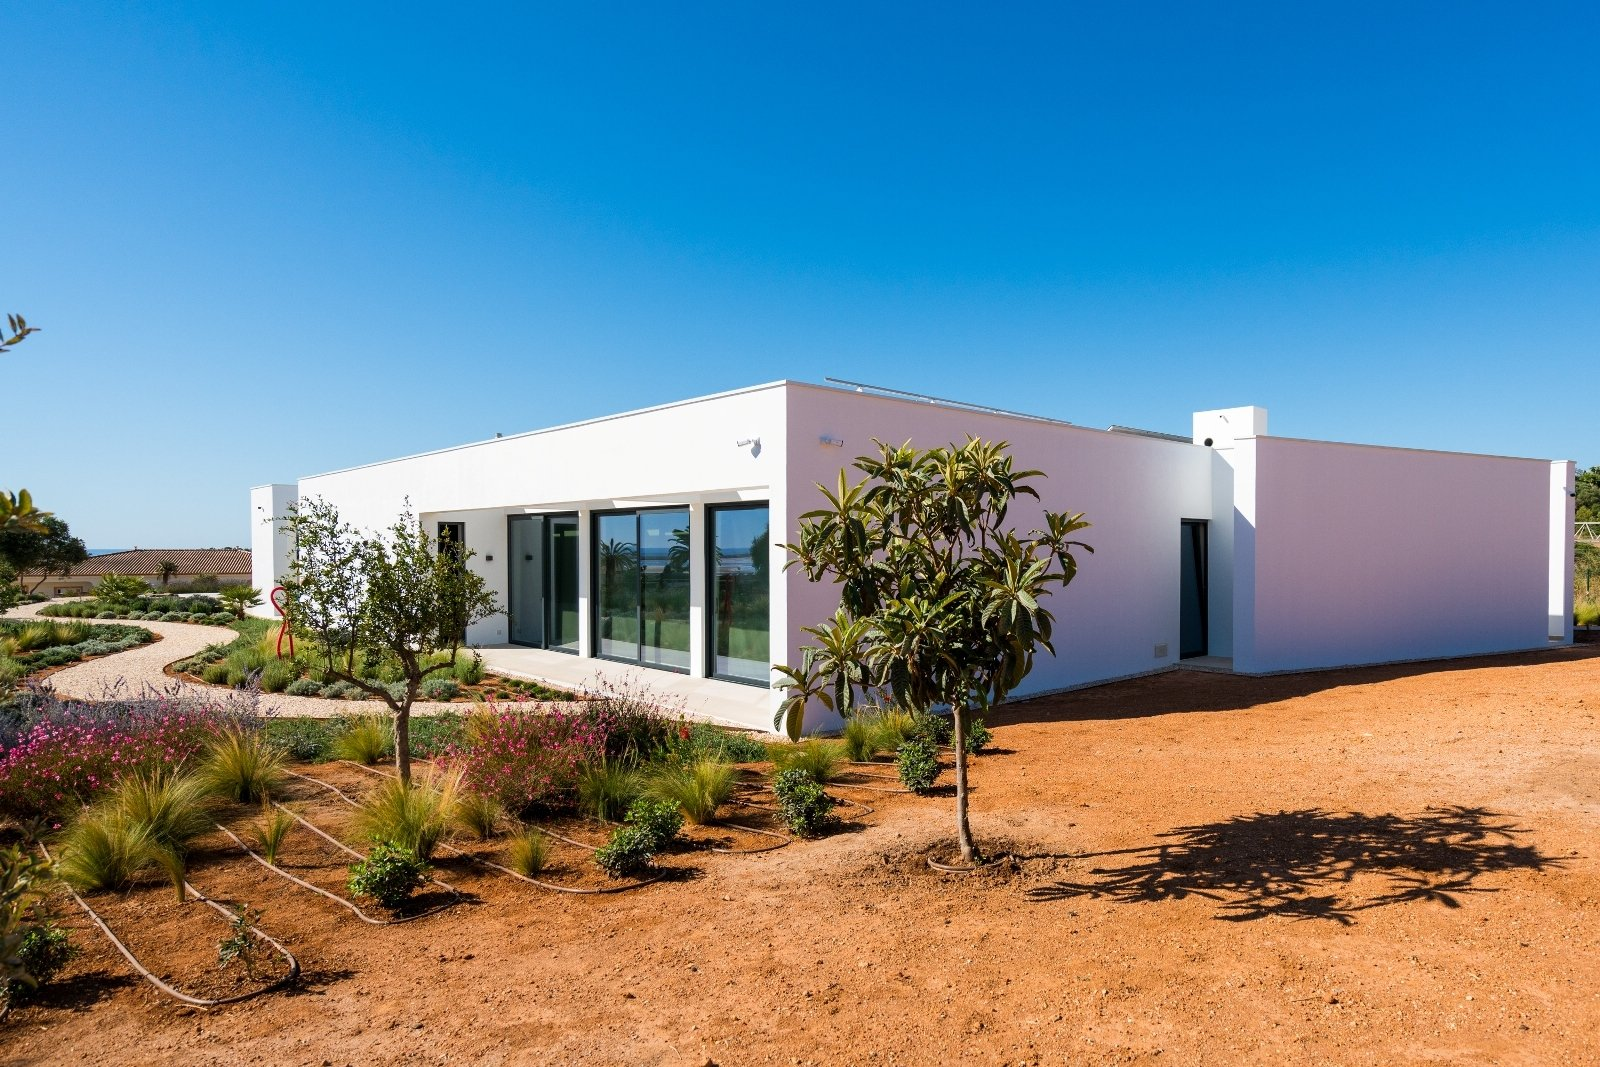 3 Bedroom Villa Lagos, Western Algarve Ref: GV493A